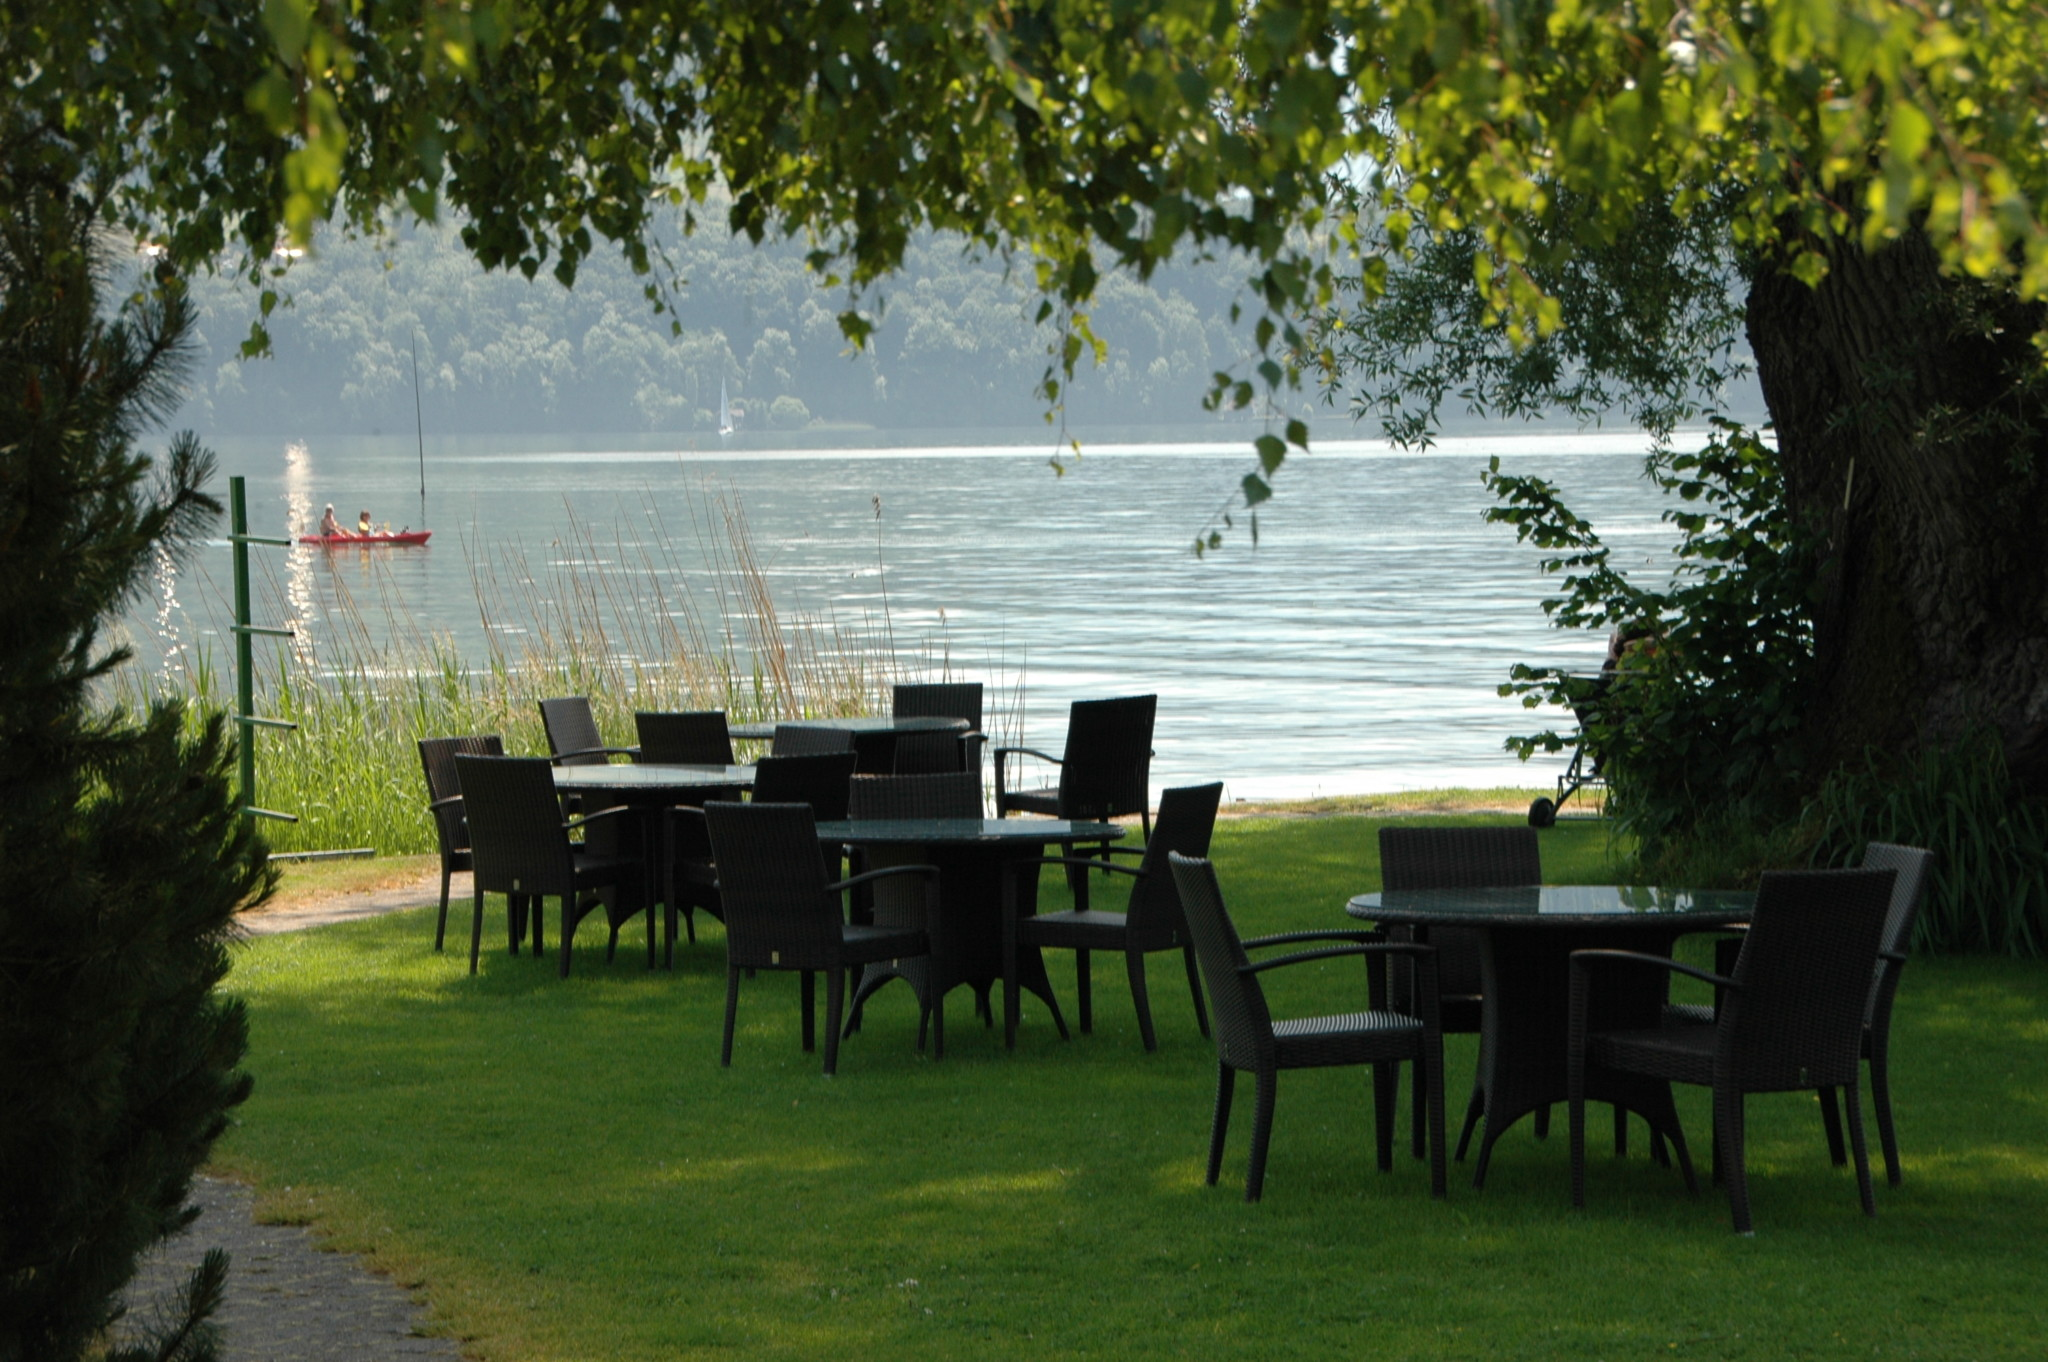 Schloss-Park mit Tischen und Sicht auf den See